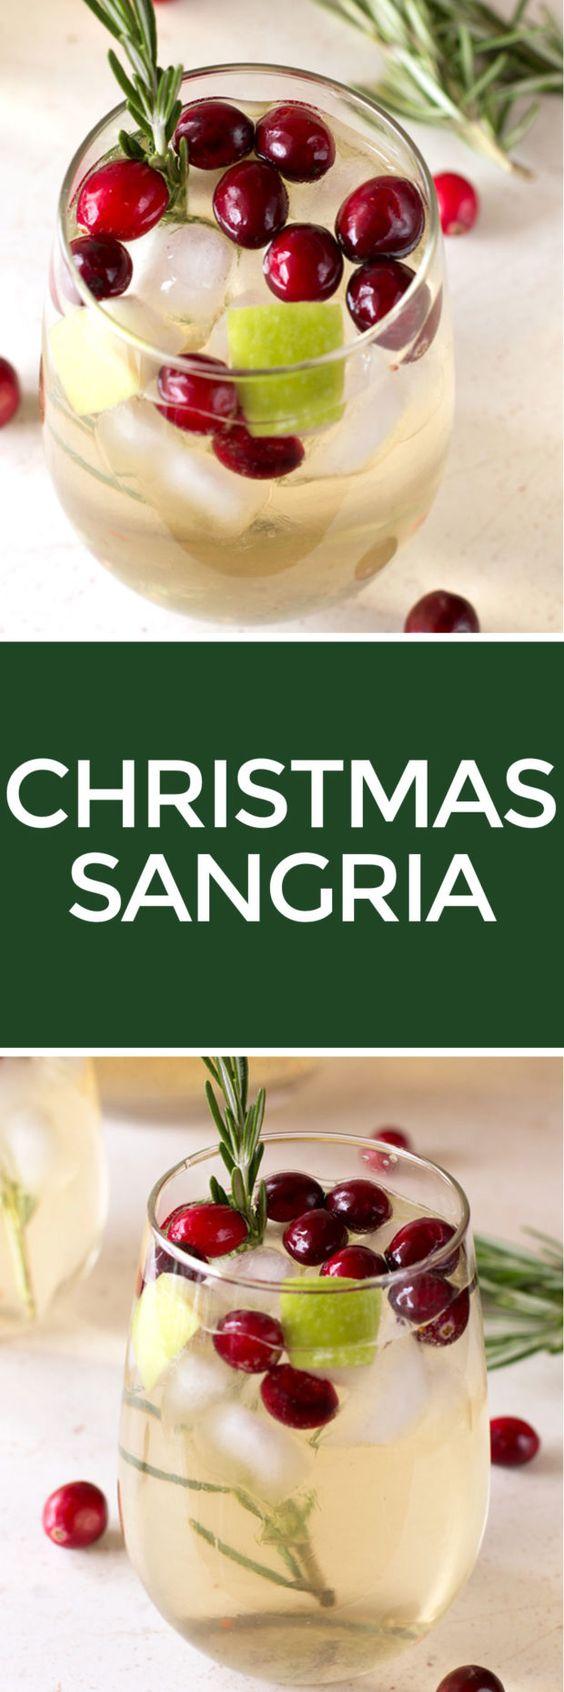 Christmas Sangria | cakenknife.com: